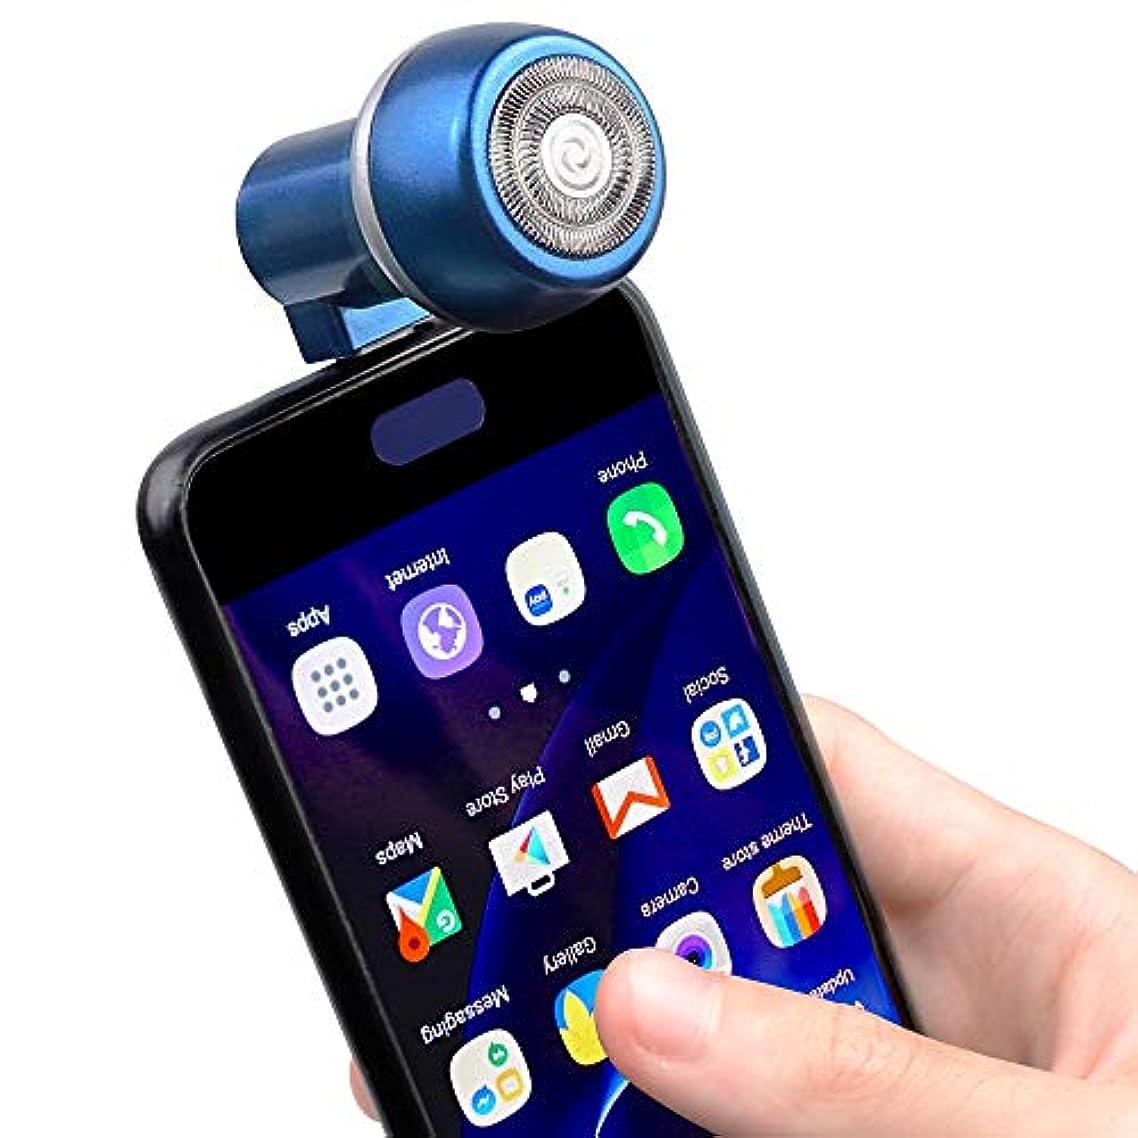 インクマナー浪費HINZER メンズシェーバー 髭剃り 電気シェーバー 回転式 ミニ 電動ひげそり 携帯電話/USB充電式 持ち運び便利 ビジネス 通勤用 海外対応 type-cポートブルー